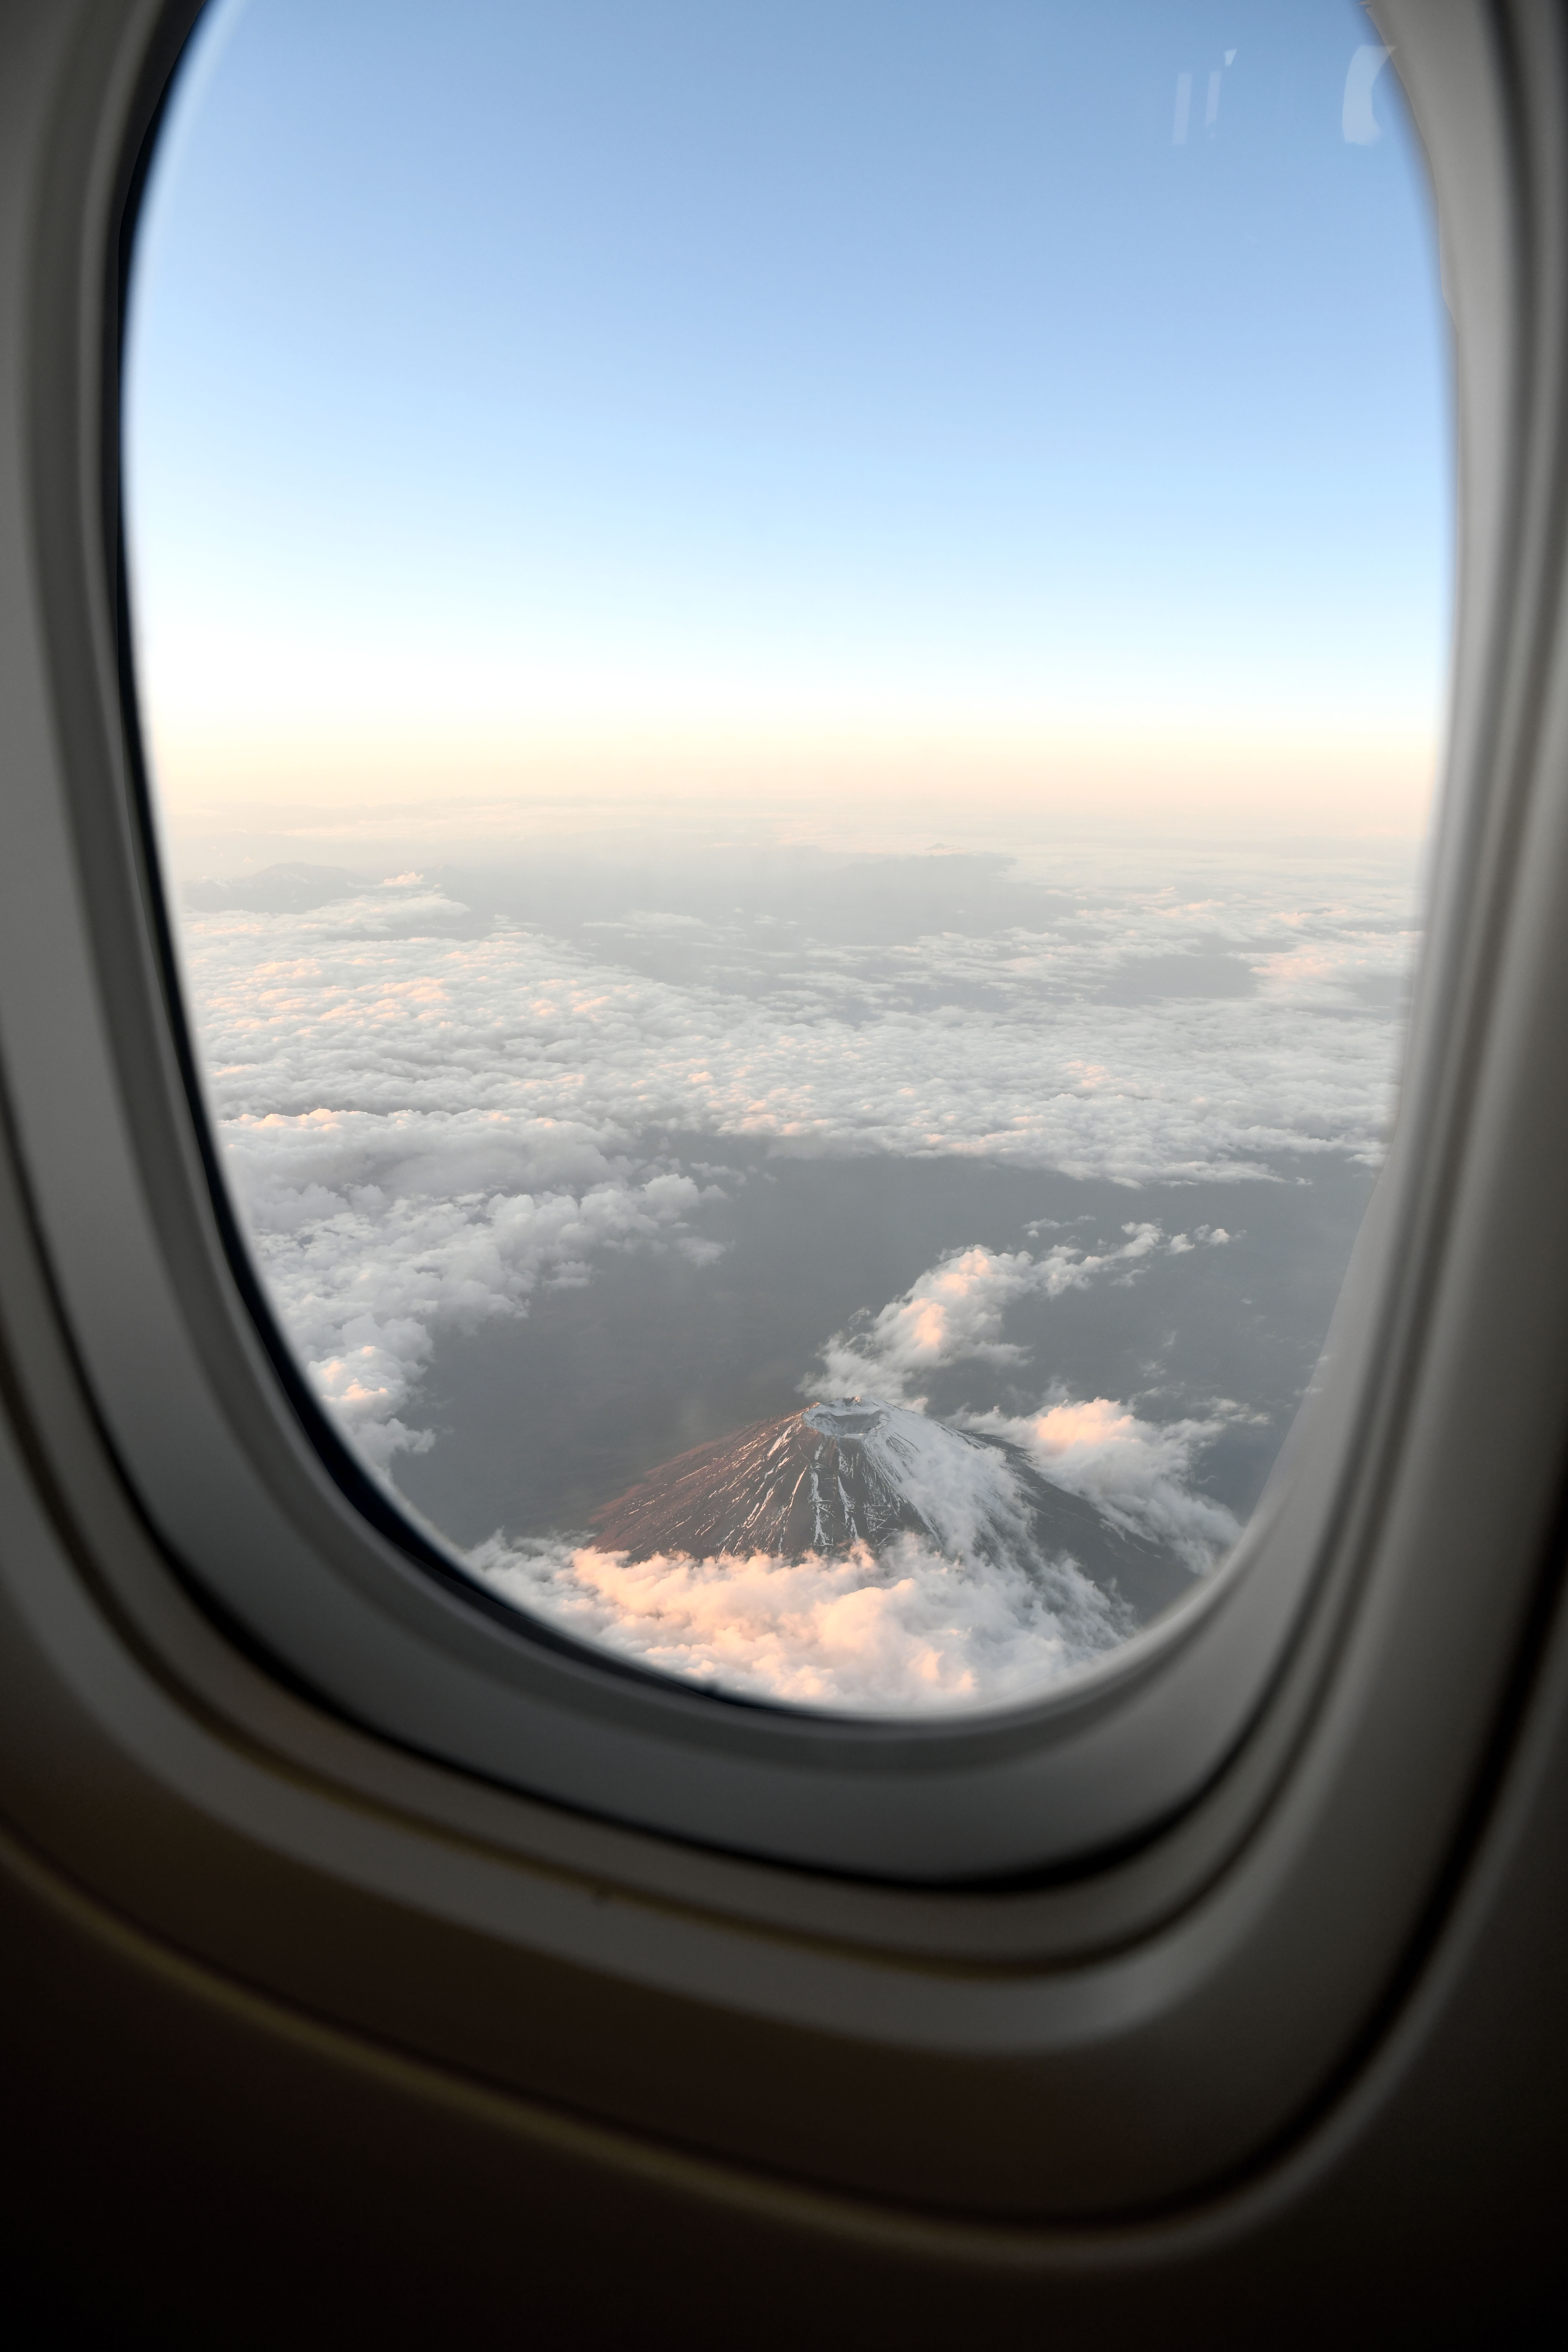 最心滿意足的兩天一夜,我們追著千變萬化的富士山。